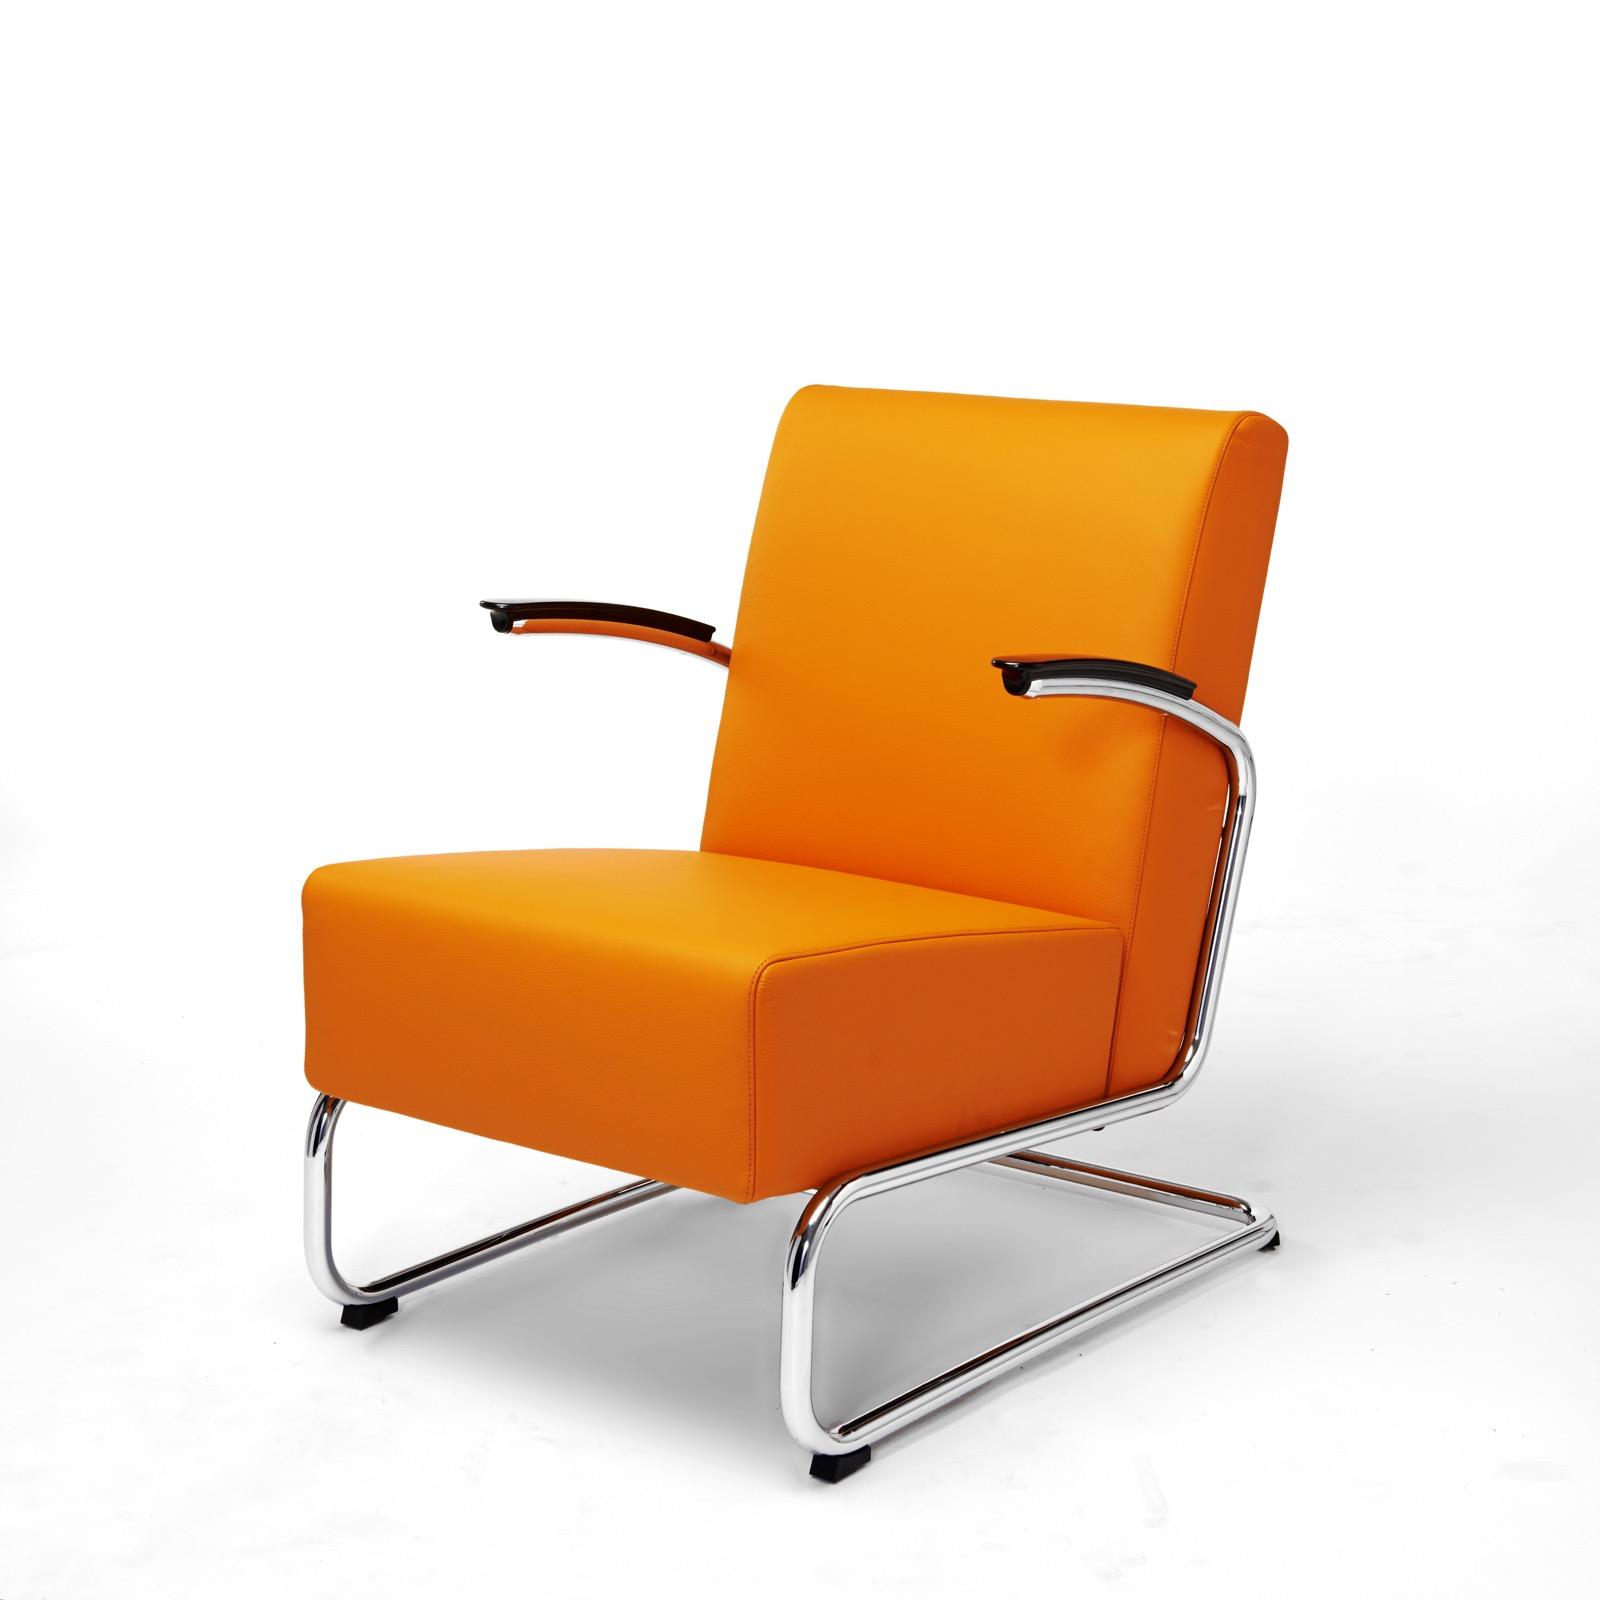 Dutch Originals Gispen 405 fauteuil   Matser Wageningen